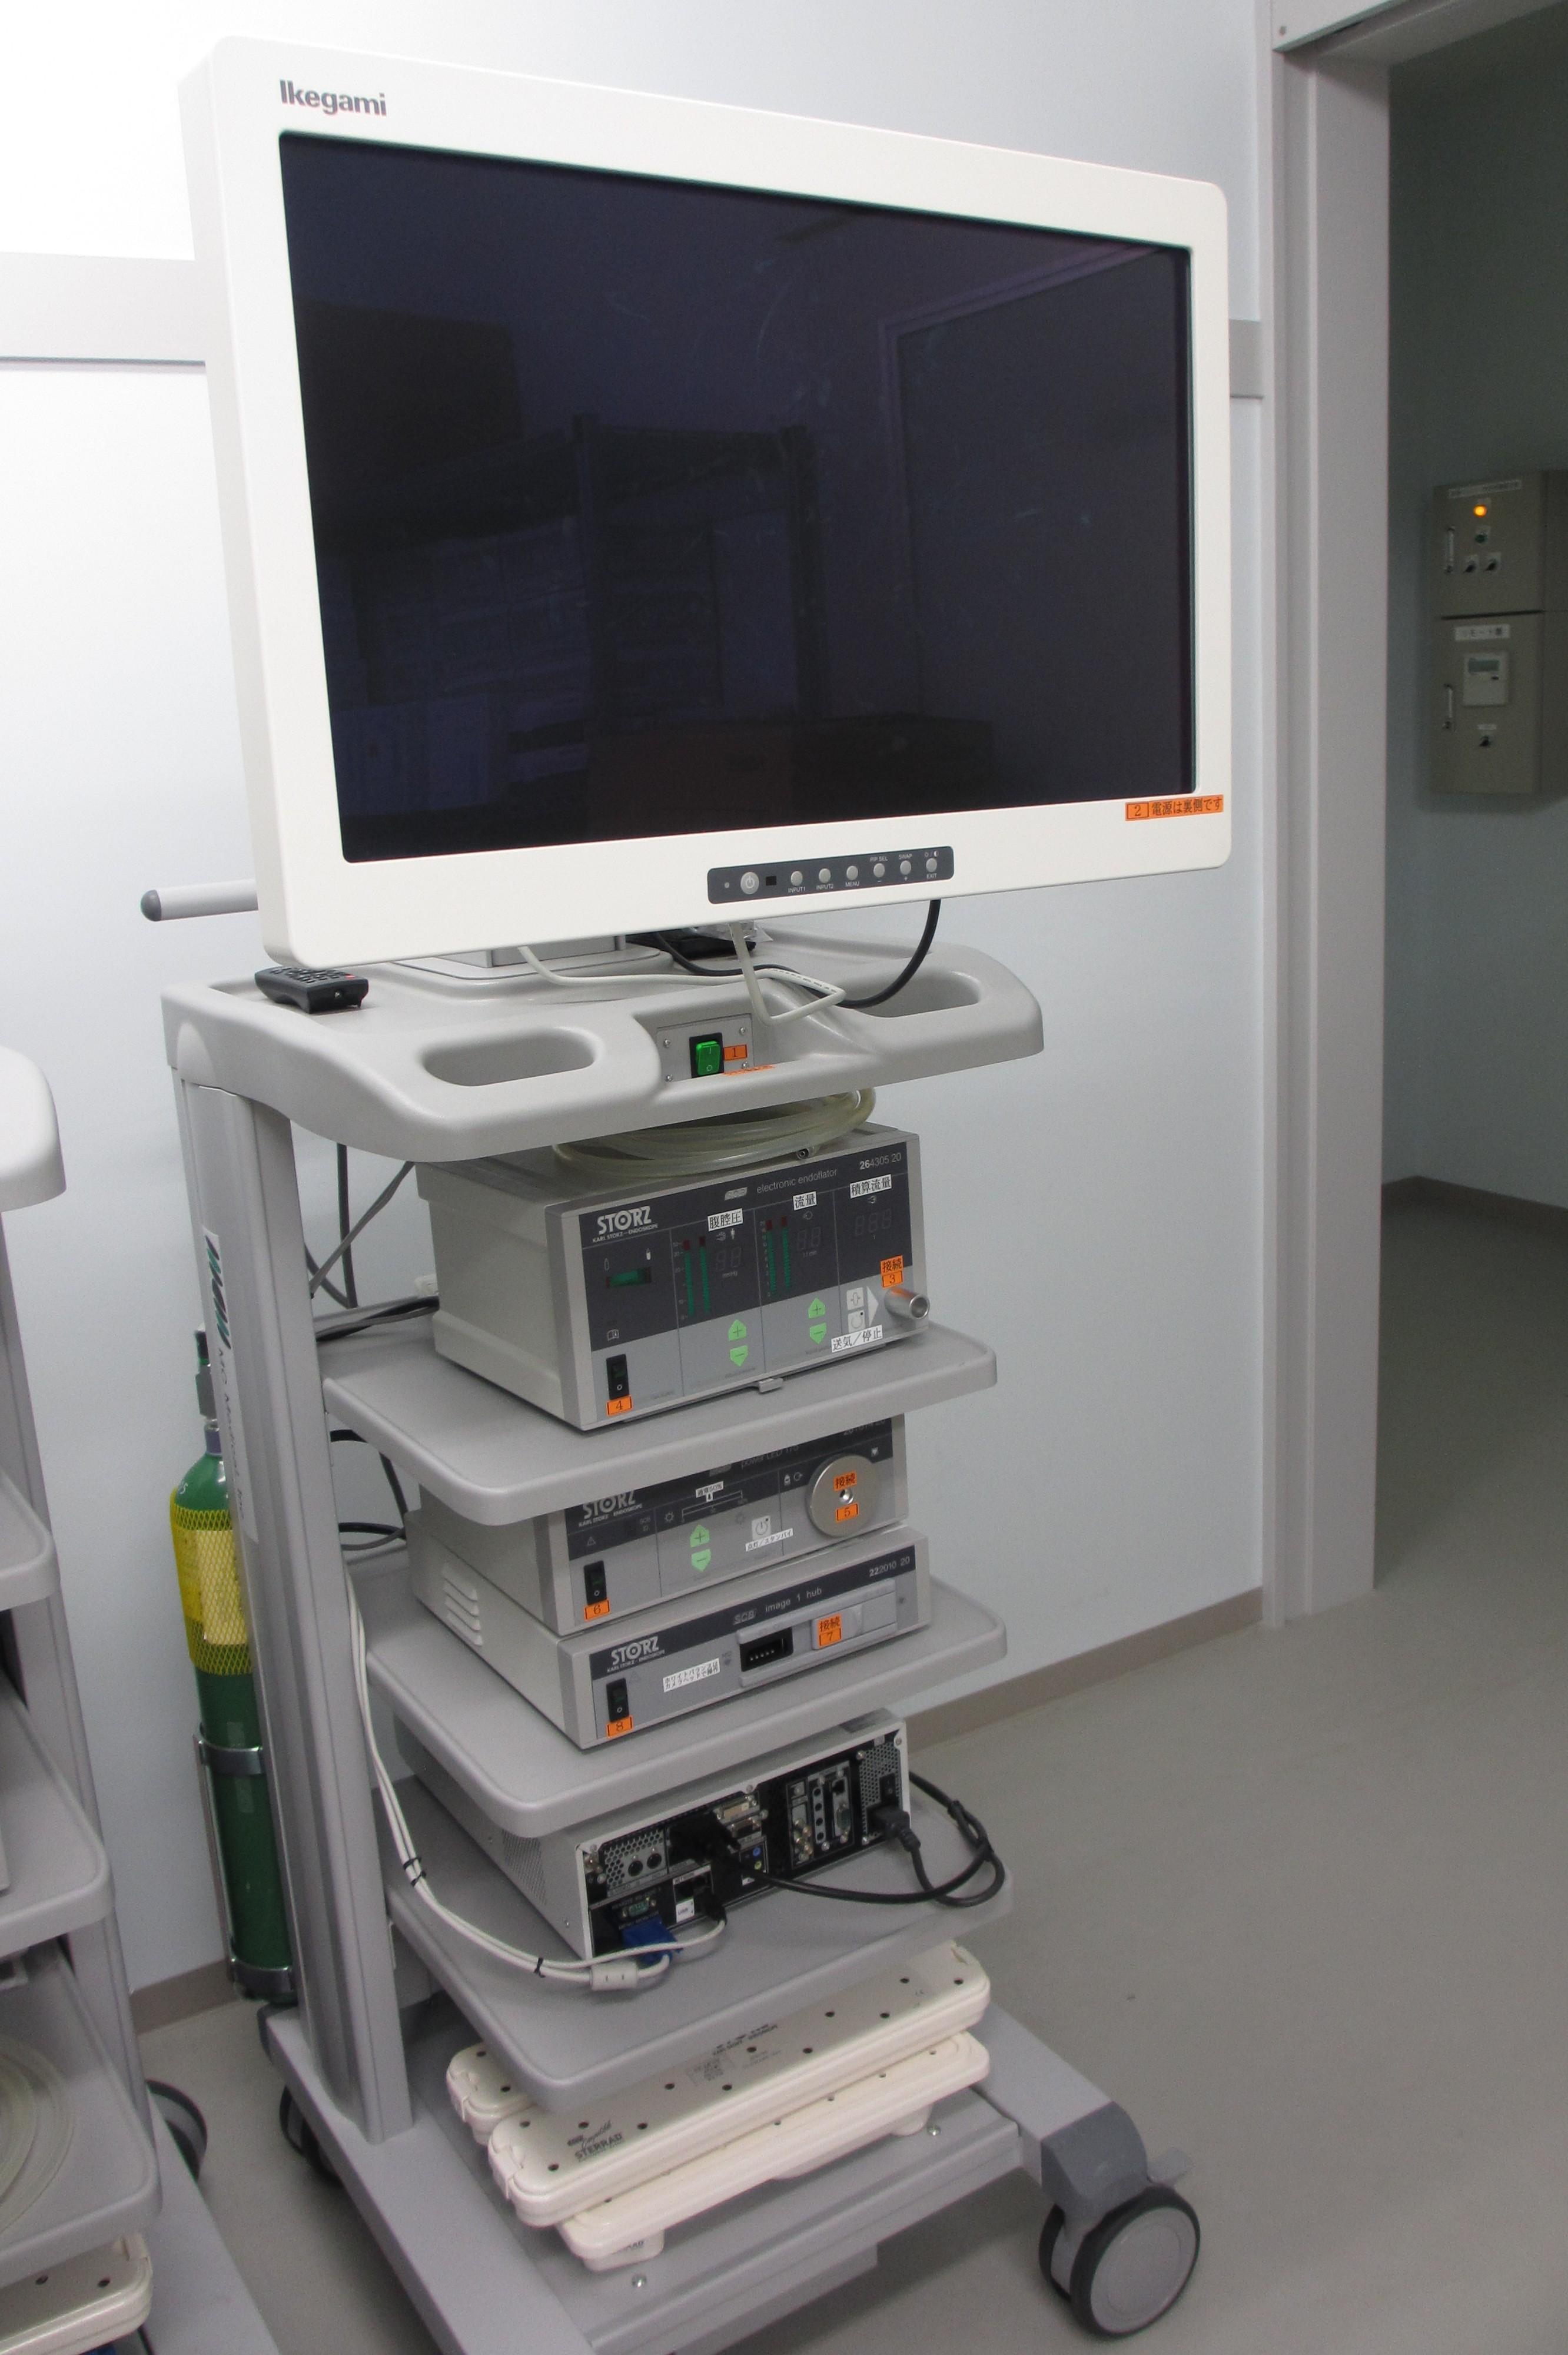 [350] トレーニング用内視鏡手術システム (先端医療技術トレーニングセンター【施設利用】) 〔リンク〕 画像